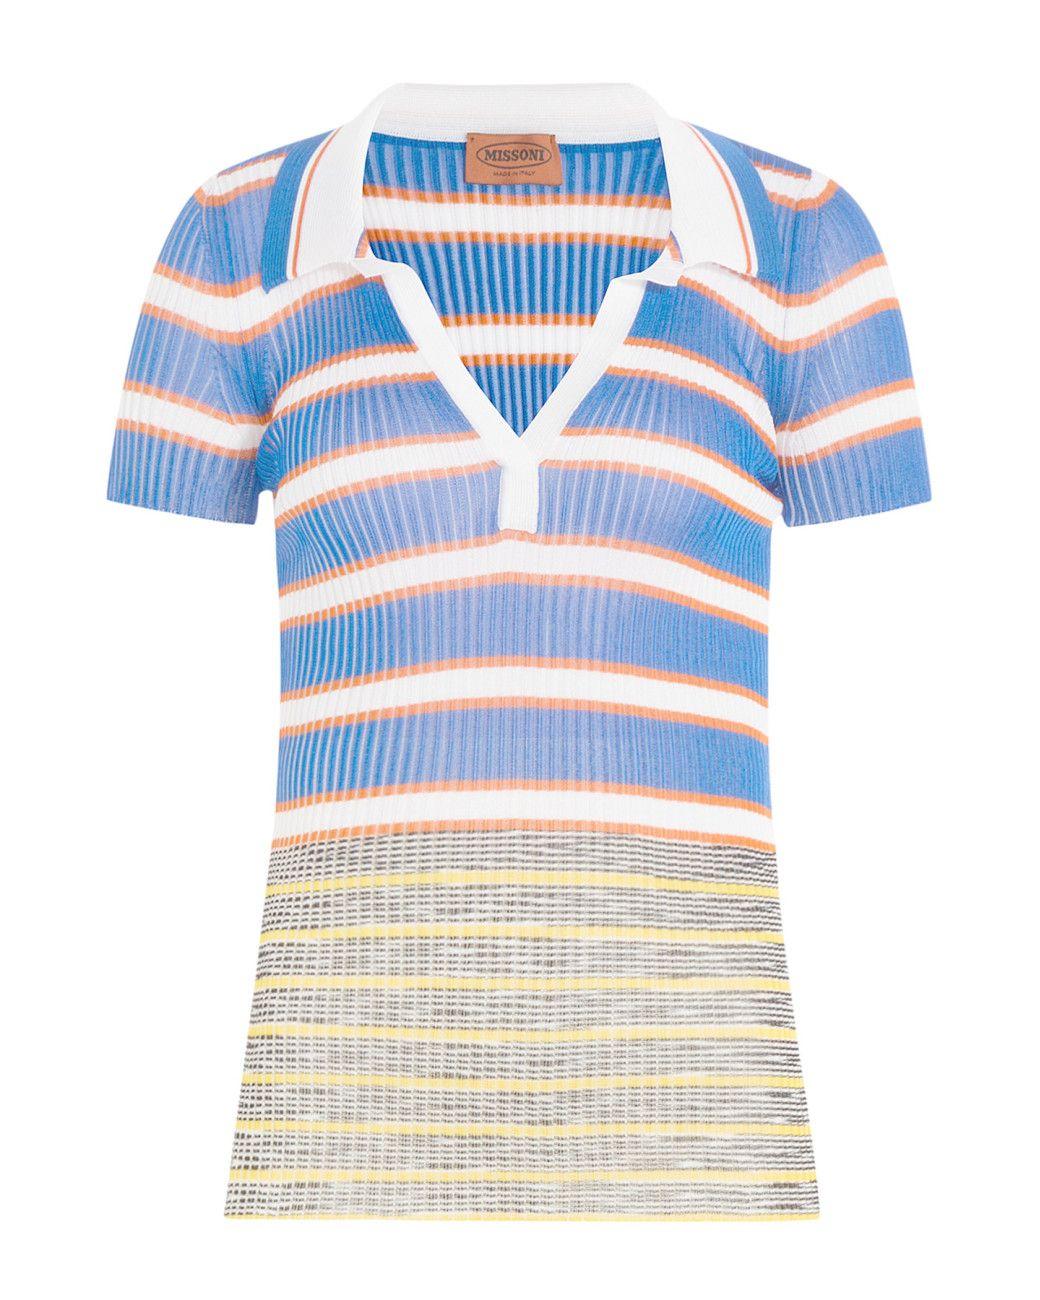 Striped knit shirt Missoni High Quality fEJBfzZmQT